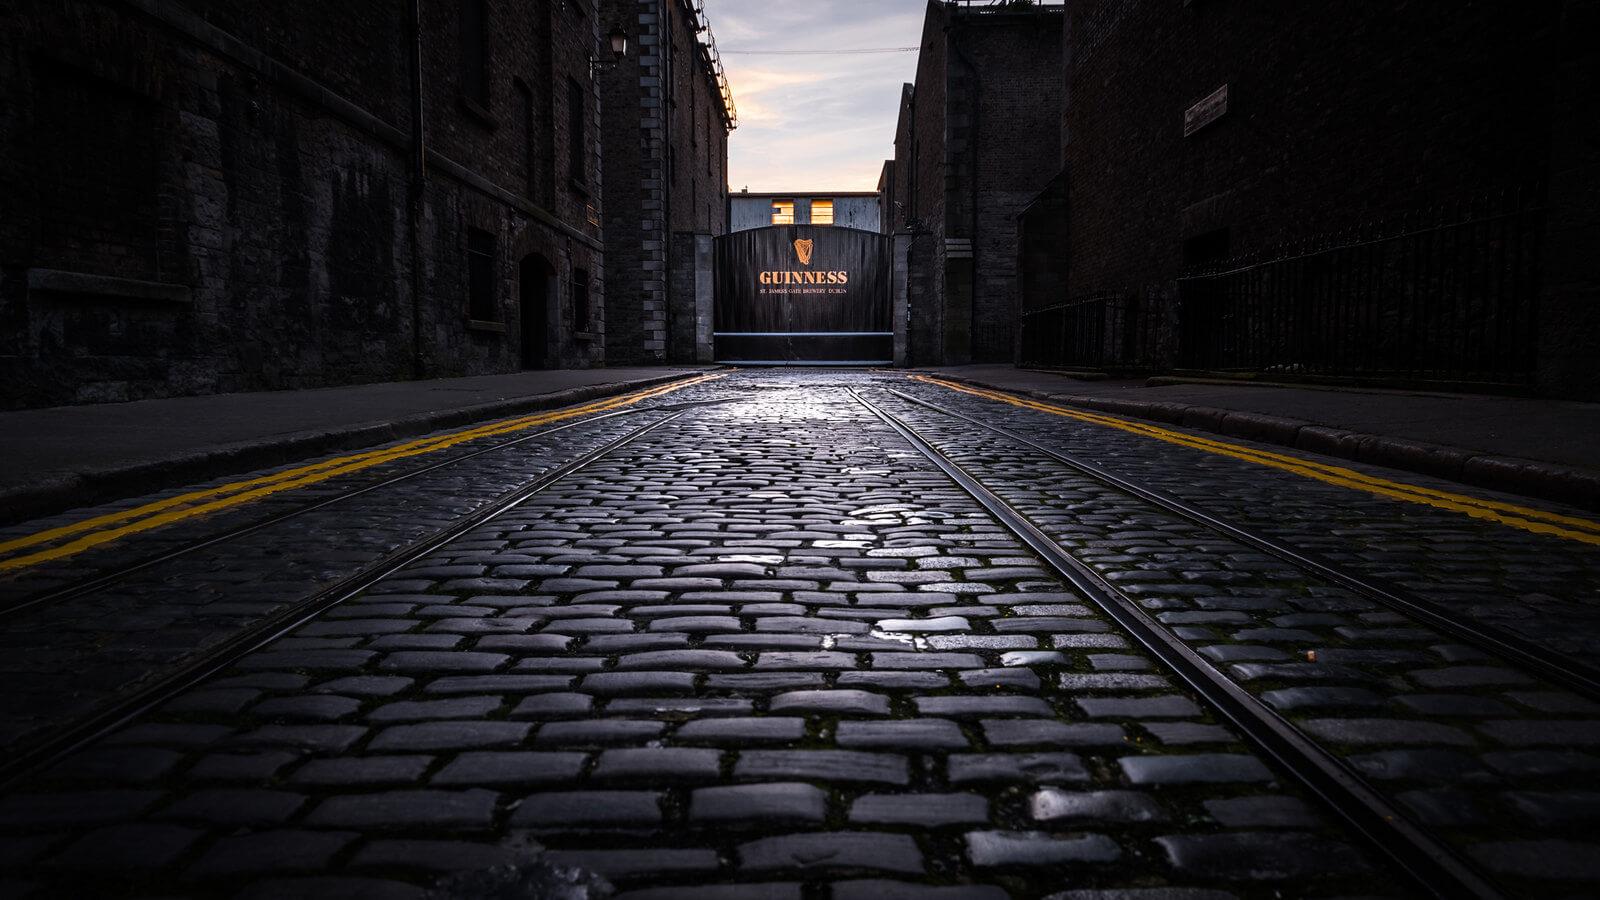 Guinness Storehouse Gate - Guiseppe Milo (Flickr)